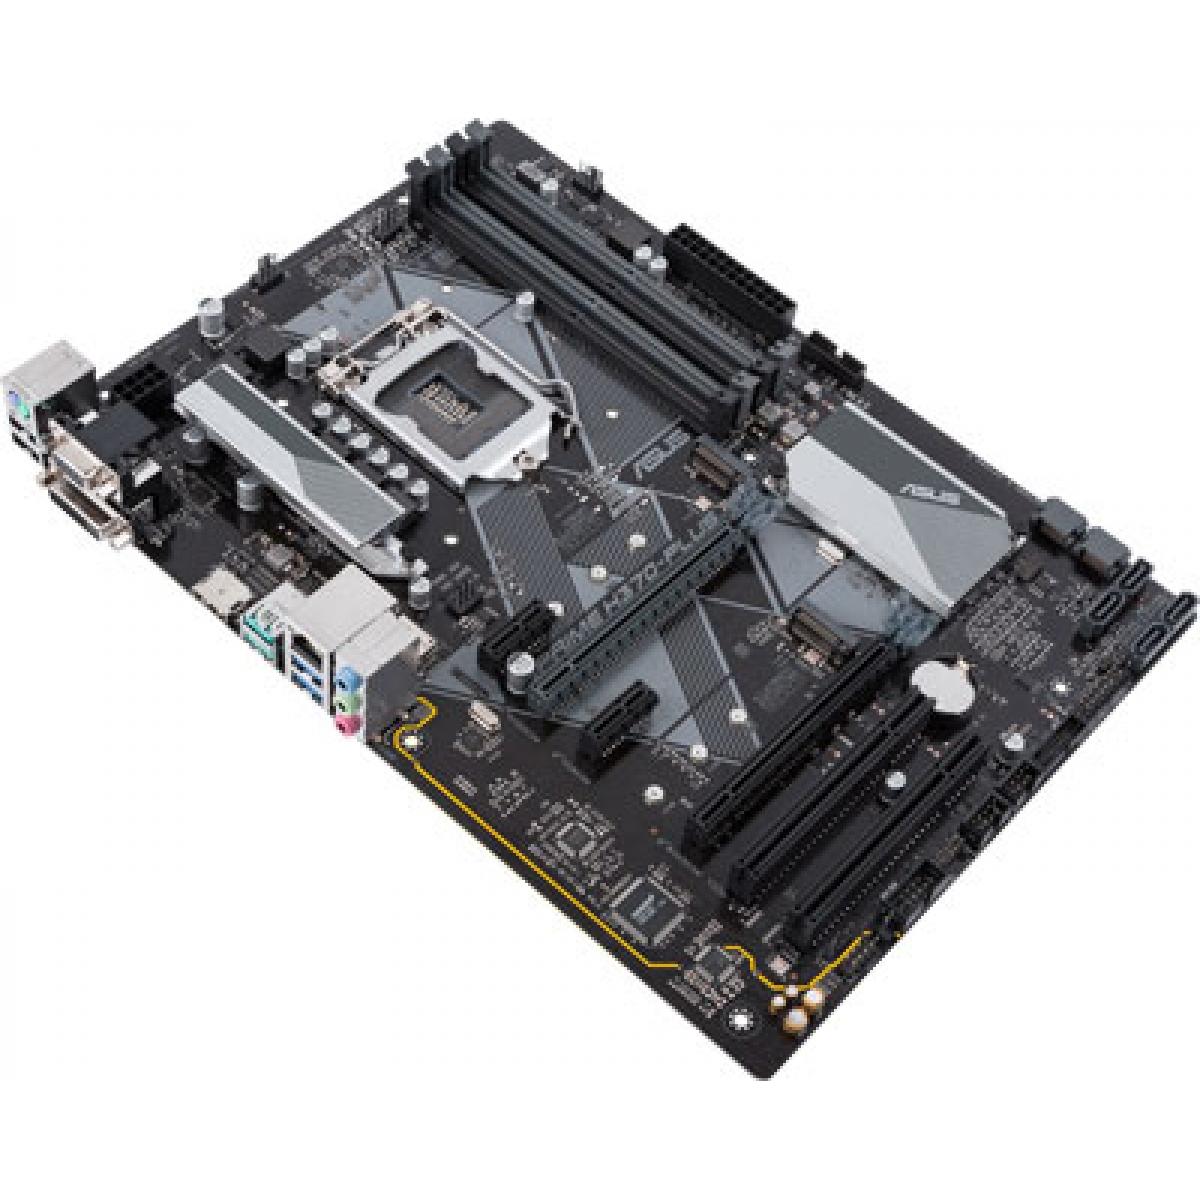 Placa Mãe Asus Prime H370-PLUS, Chipset H370, Intel LGA 1151, ATX, DDR4